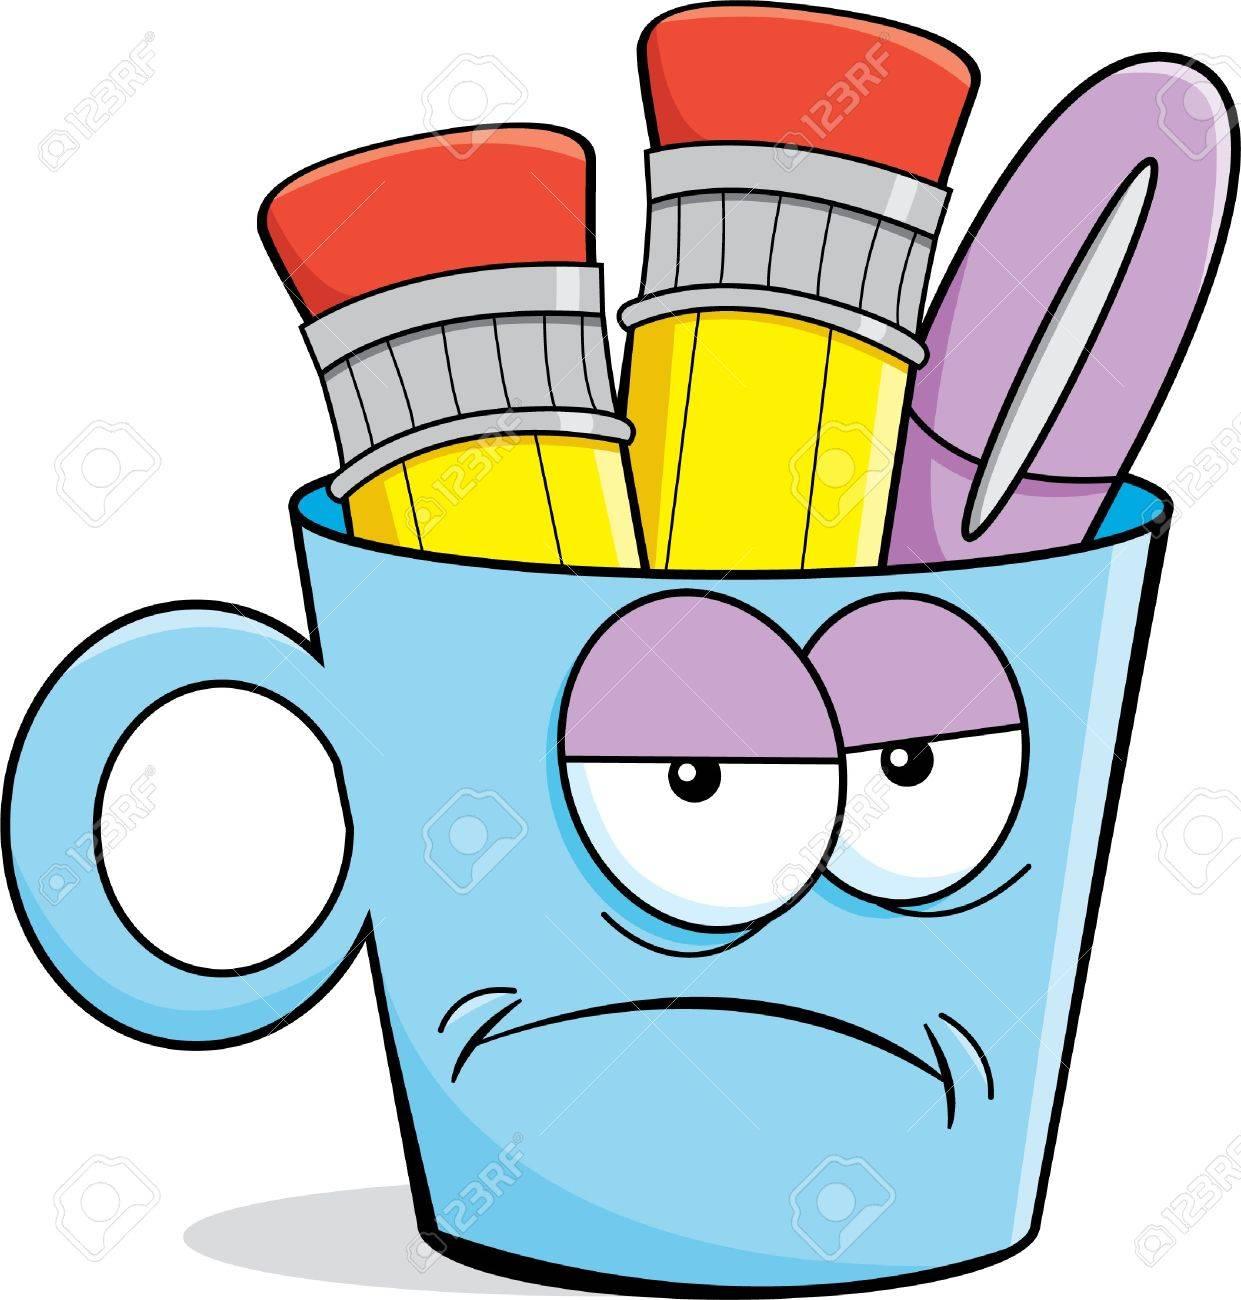 Büromaterial clipart  Cartoon Illustration Eines Unglücklich Tasse Holding Bleistifte ...